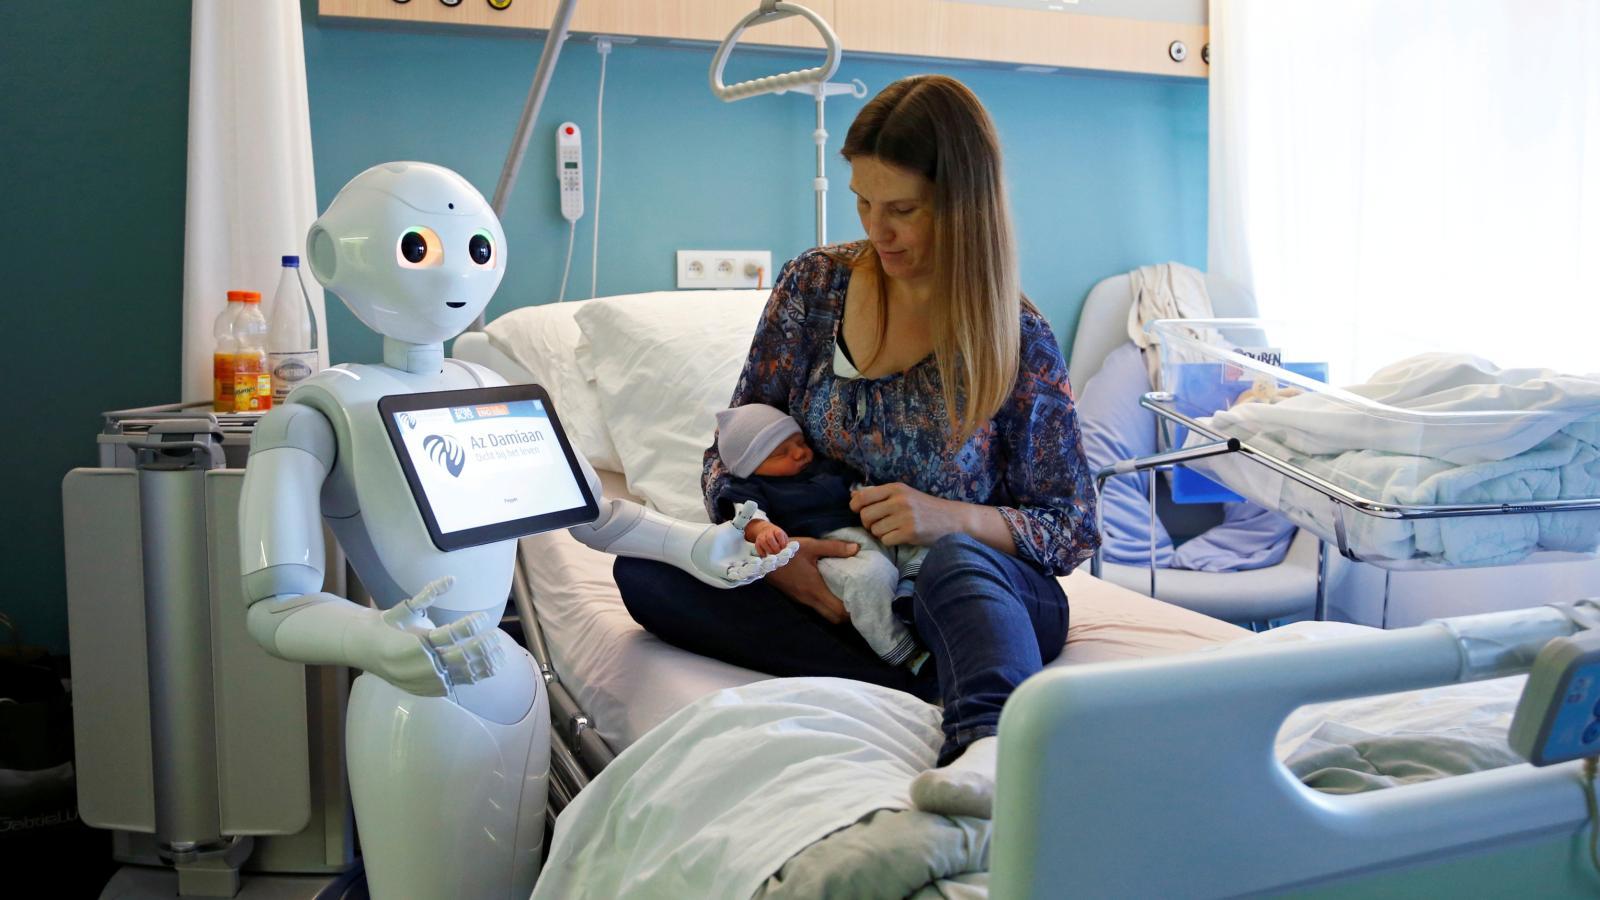 Bilderesultat for kunstig intelligens robot og pasient